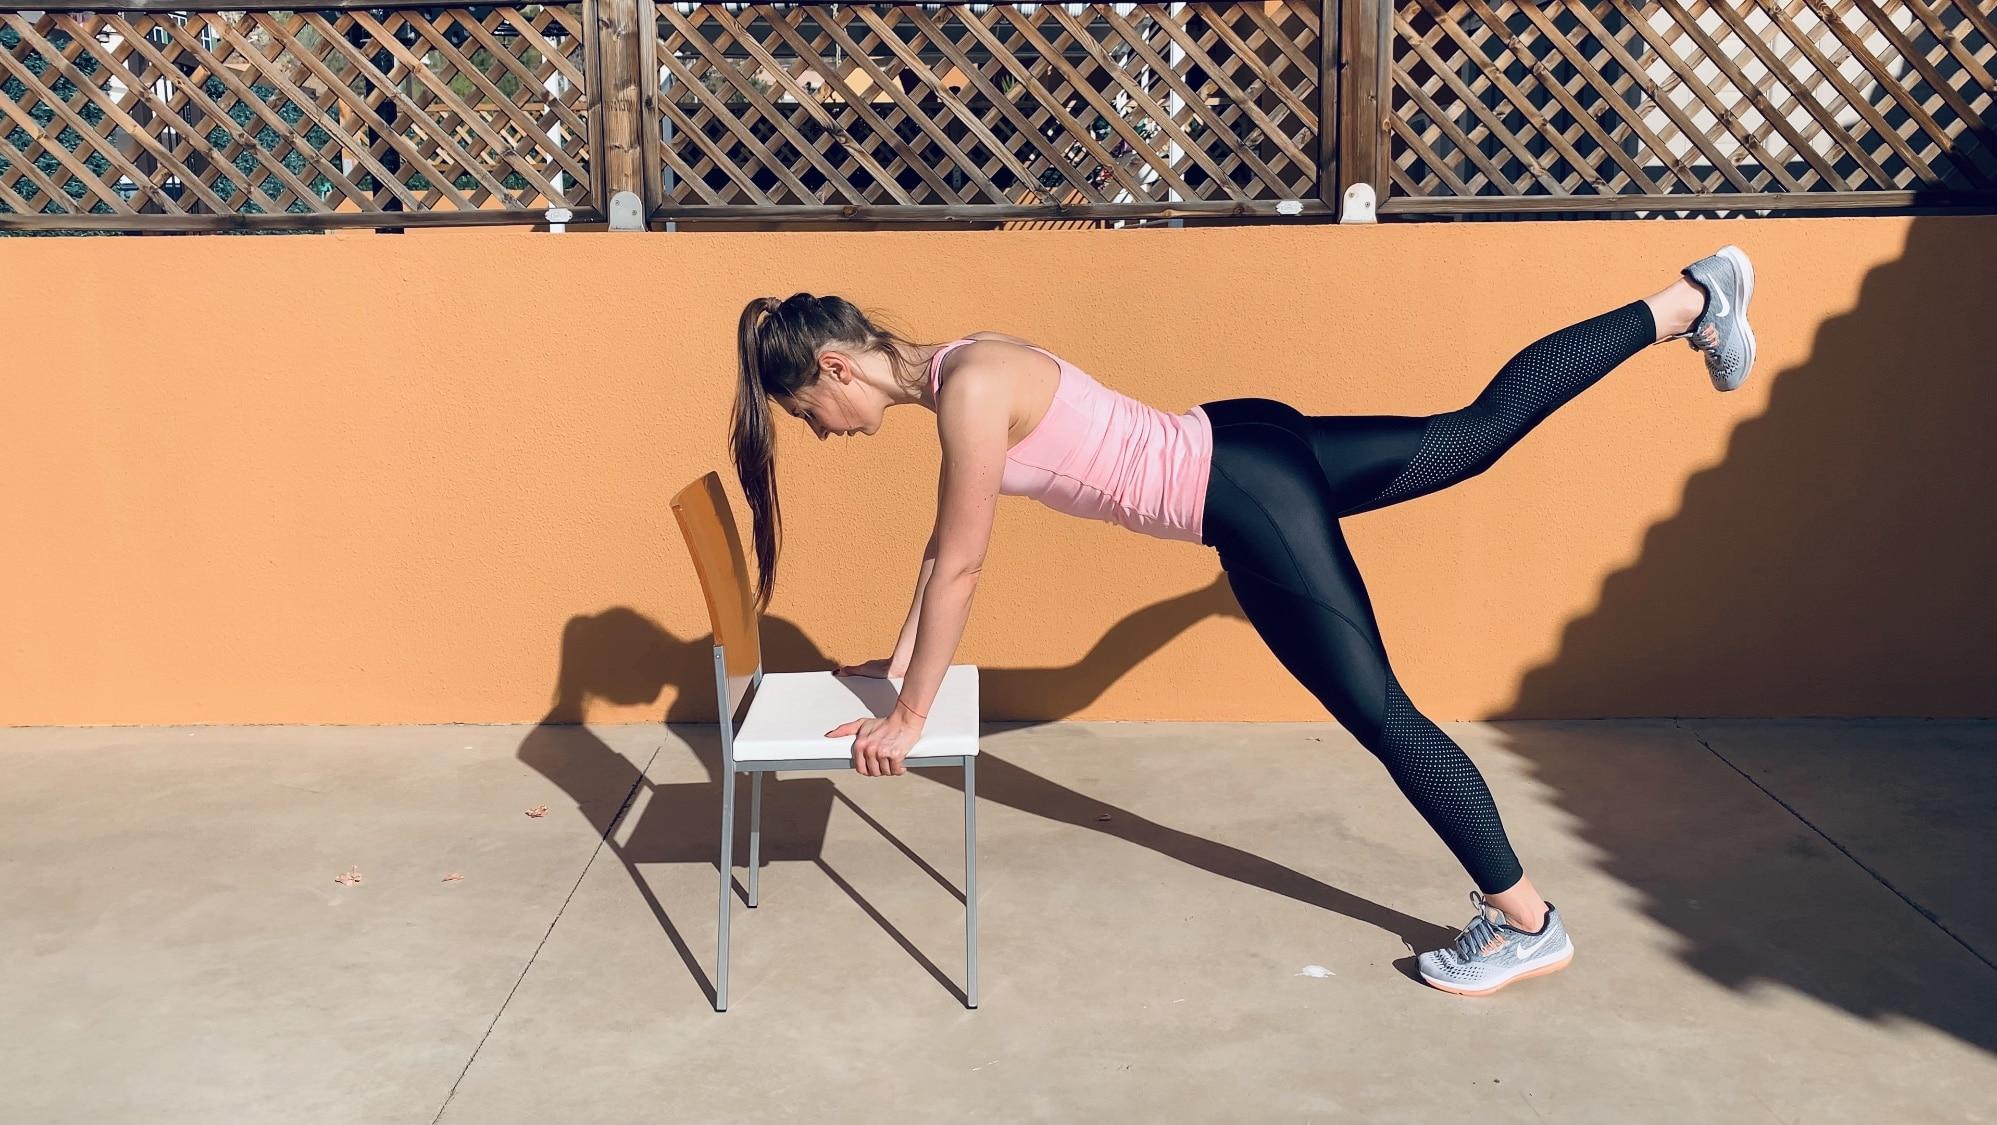 Поочередный подъем ног из планки в упоре на стул